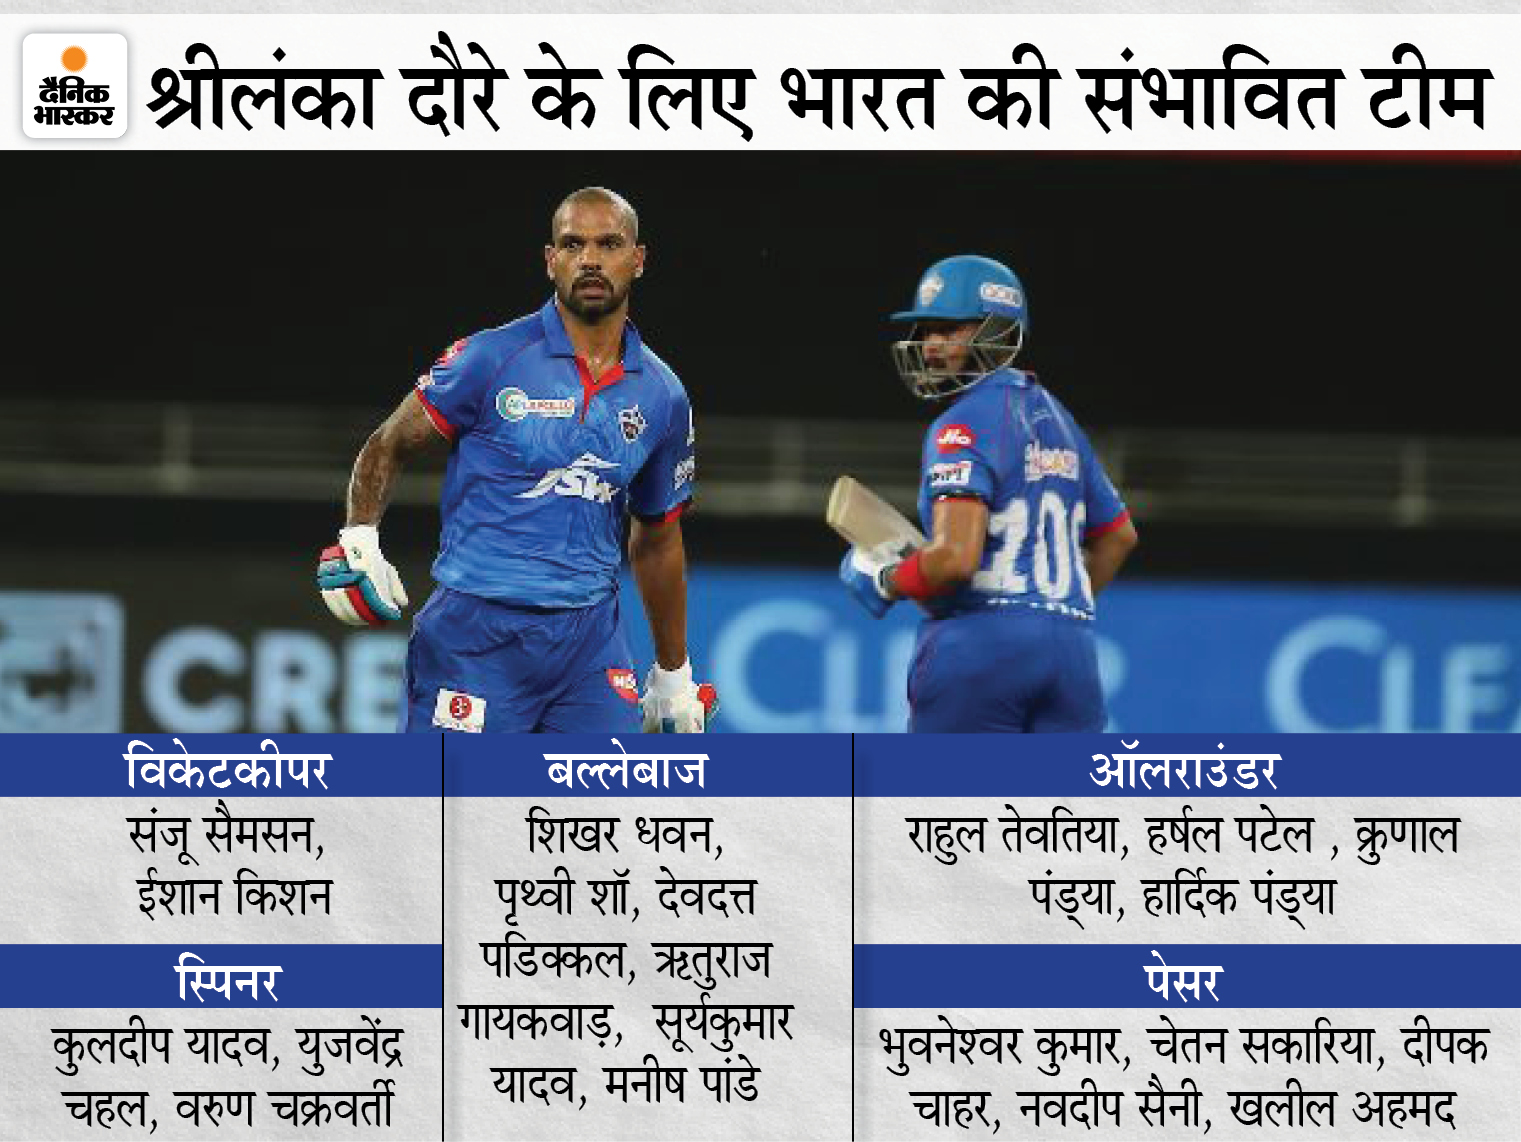 धवन-शॉ ओपनिंग कर सकते हैं, सूर्यकुमार-पांडे के लिए मिडिल ऑर्डर में मौका; द्रविड़ बतौर कोच टीम के साथ जा सकते हैं|क्रिकेट,Cricket - Dainik Bhaskar